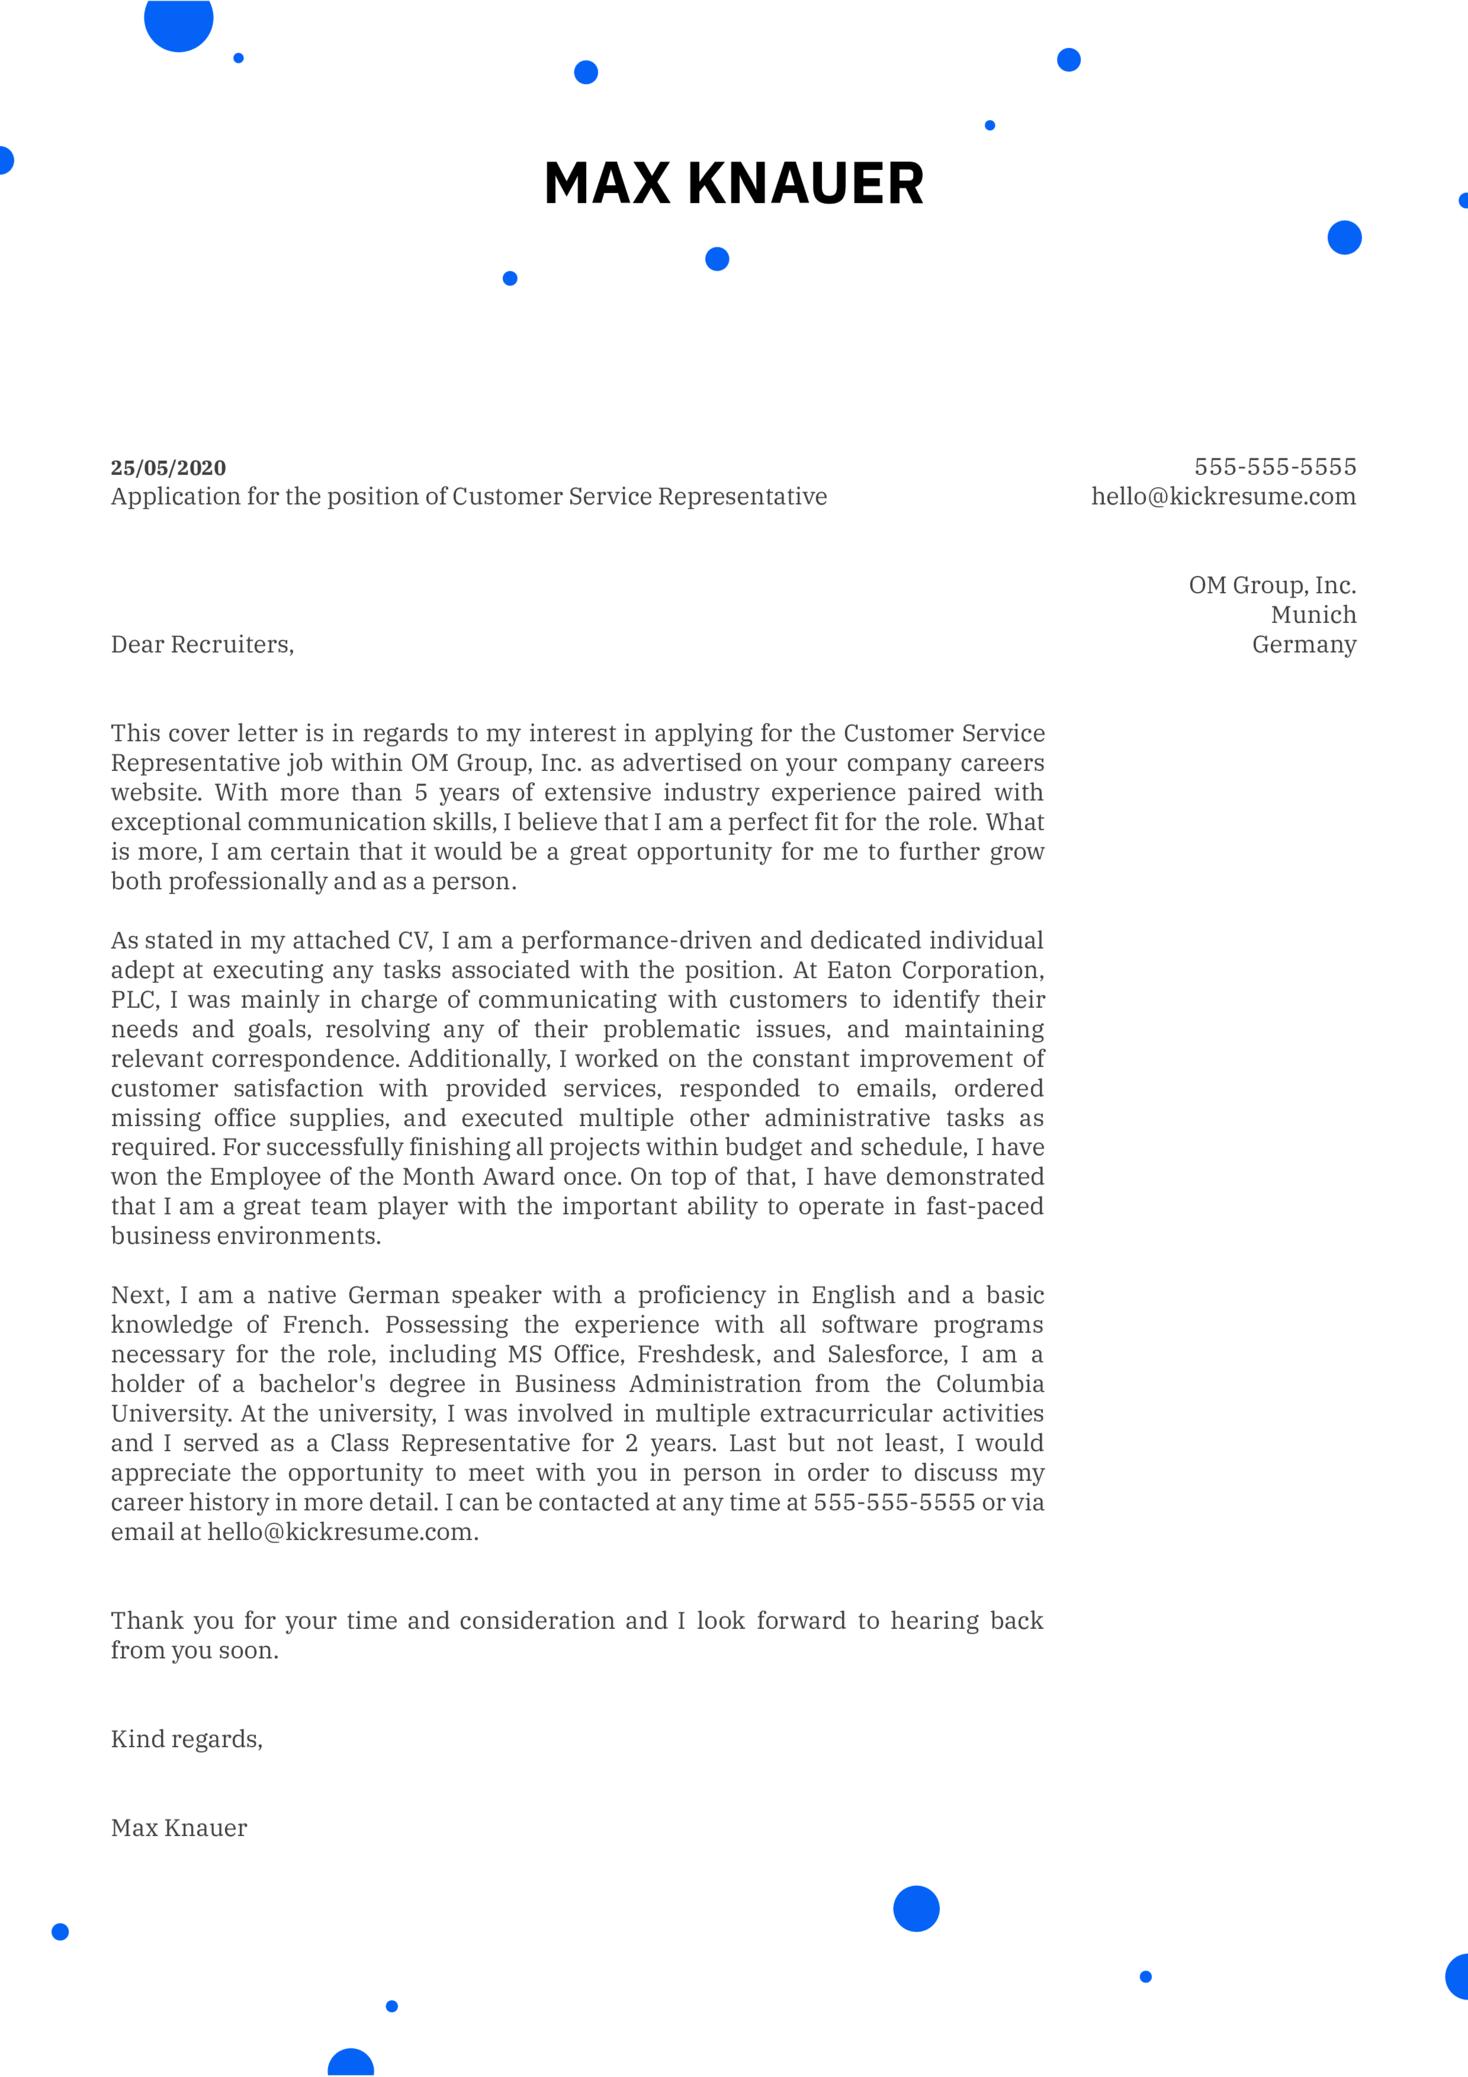 Customer Service Representative Cover Letter Template